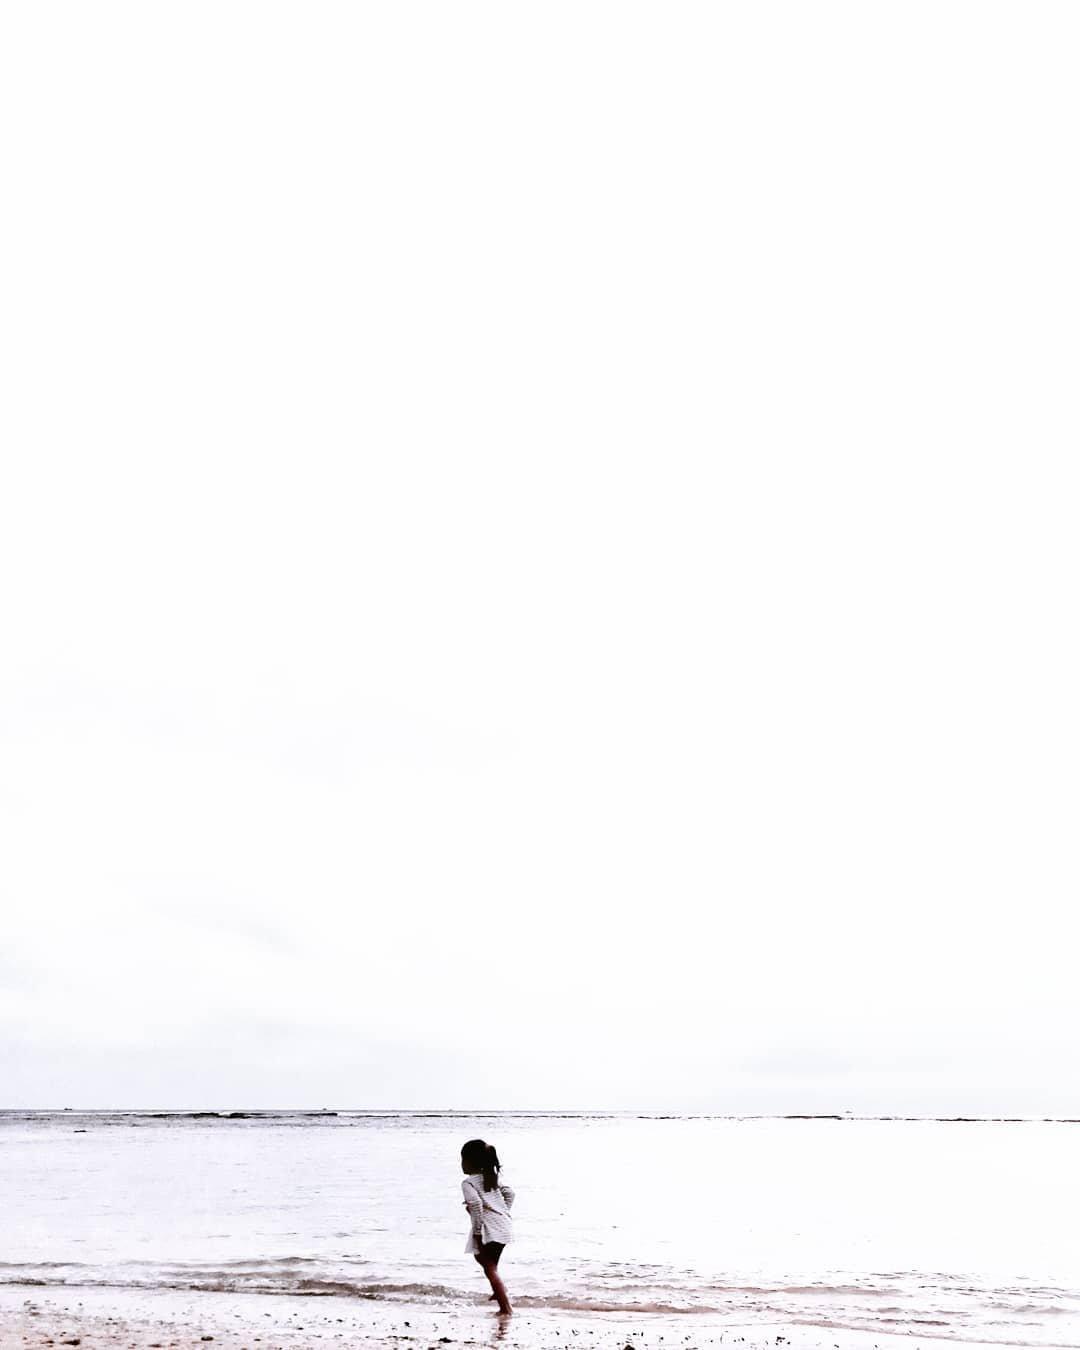 Красочные минималистичные фотографии Ройнальди Сапутры (29 фото)